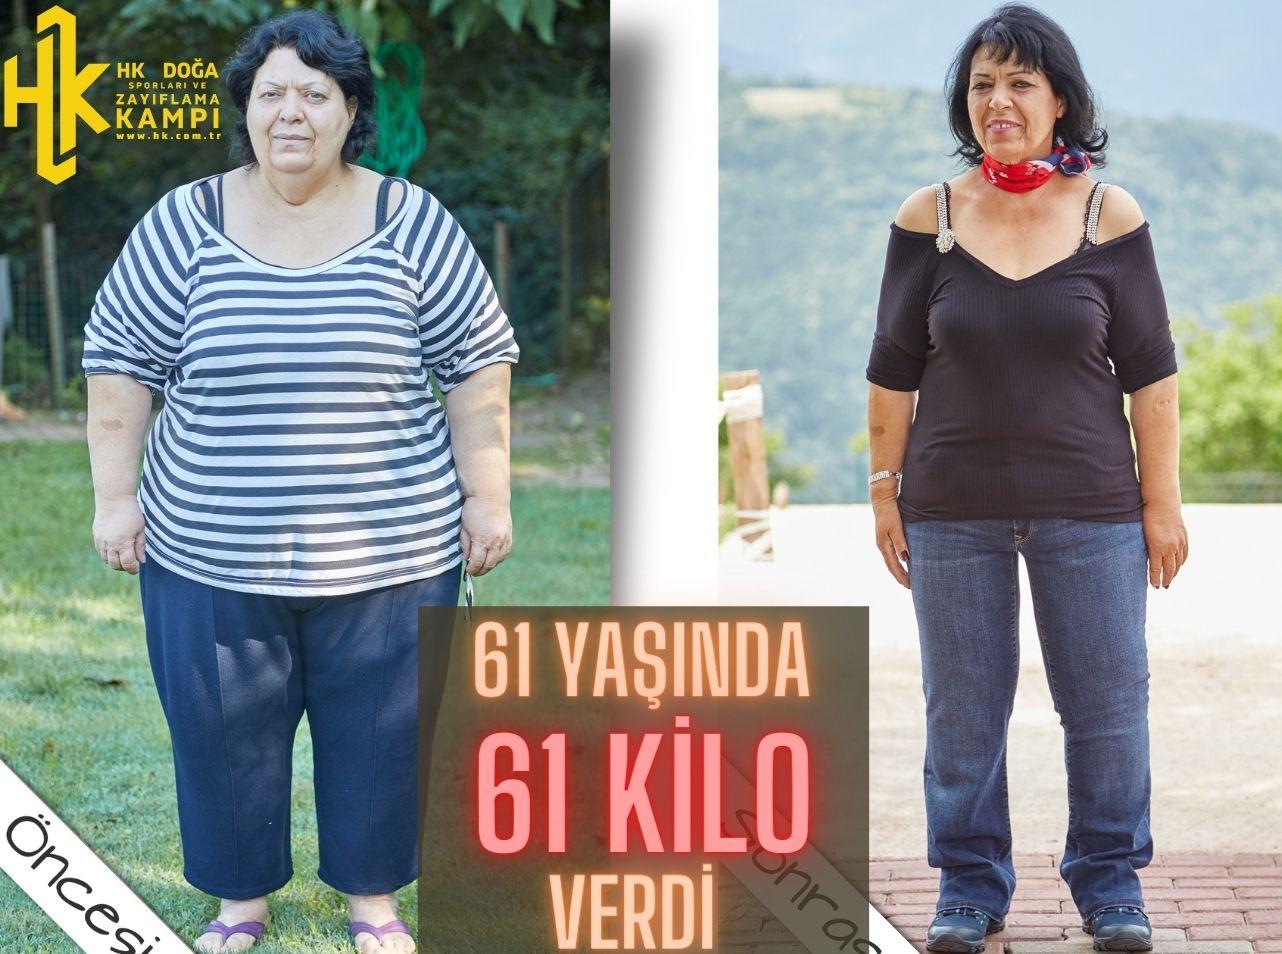 61 Yaşında 61 Kilo Verdi